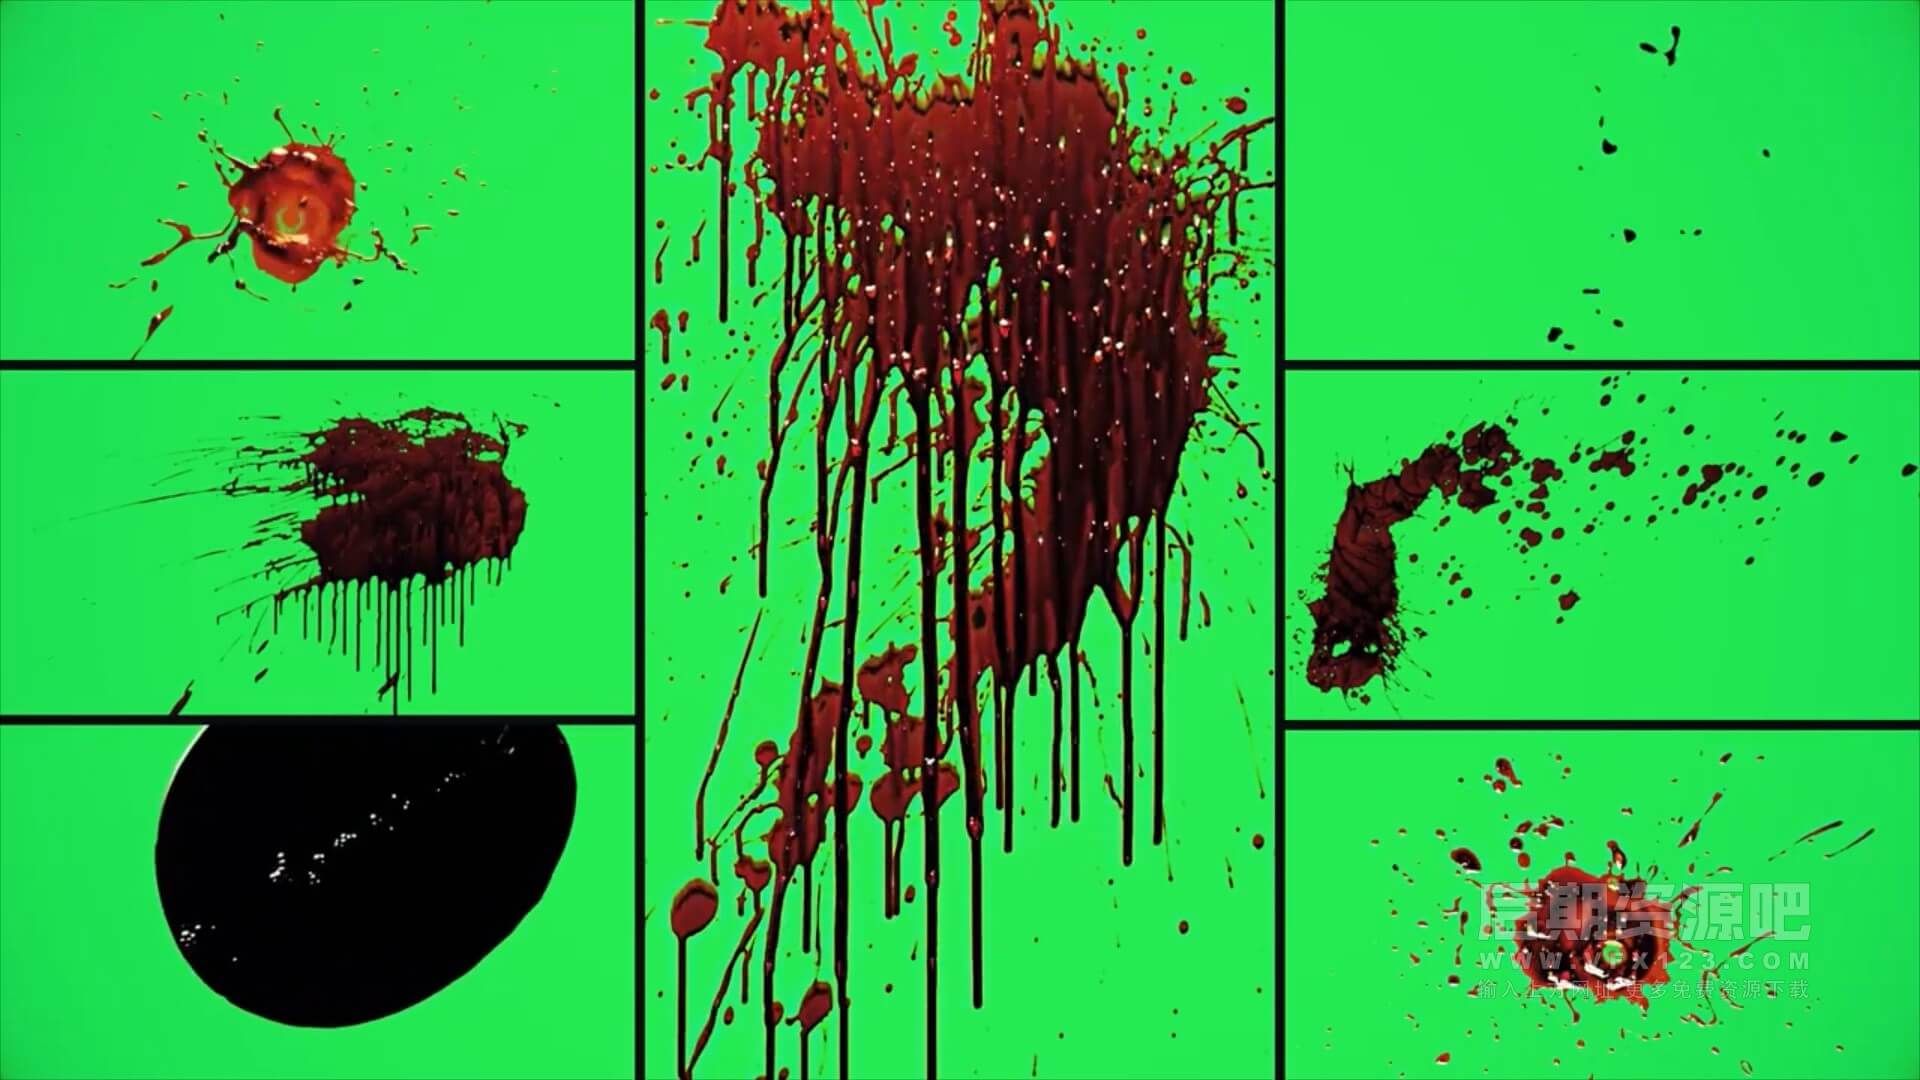 特效合成视频素材 294个4K实拍血液喷血溅流血血迹绿幕   MAC影视后期资源站